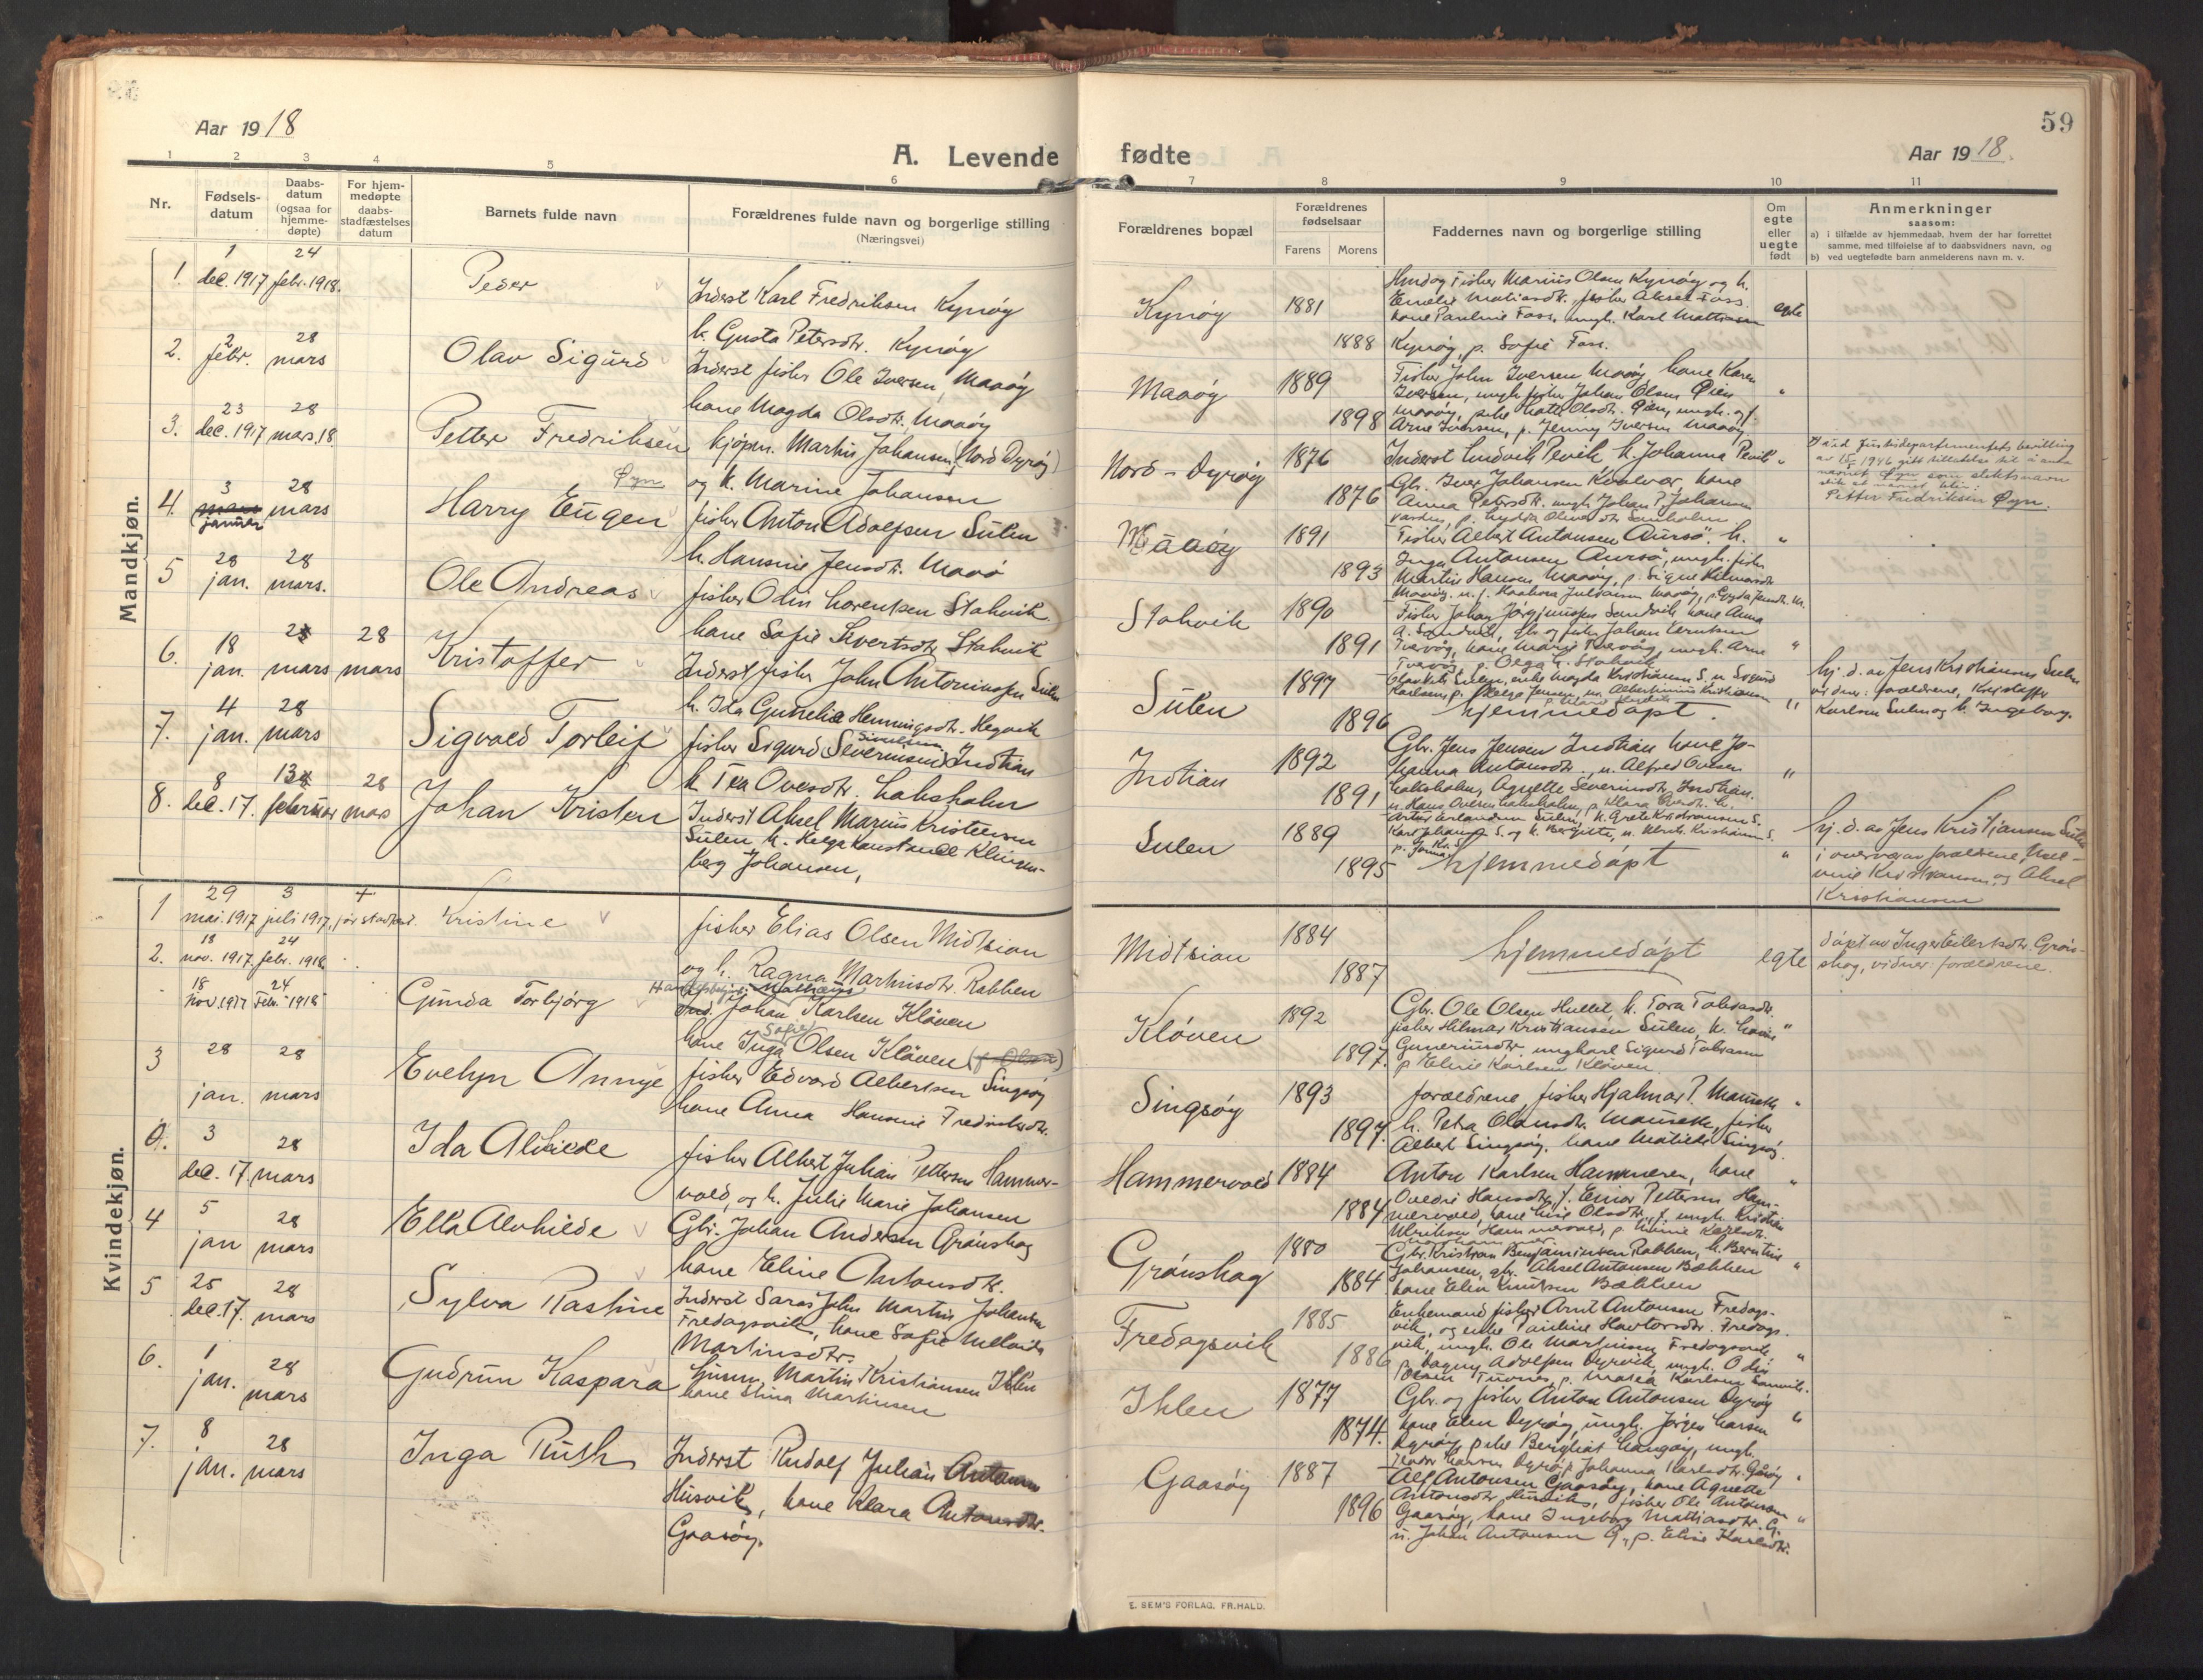 SAT, Ministerialprotokoller, klokkerbøker og fødselsregistre - Sør-Trøndelag, 640/L0581: Ministerialbok nr. 640A06, 1910-1924, s. 59